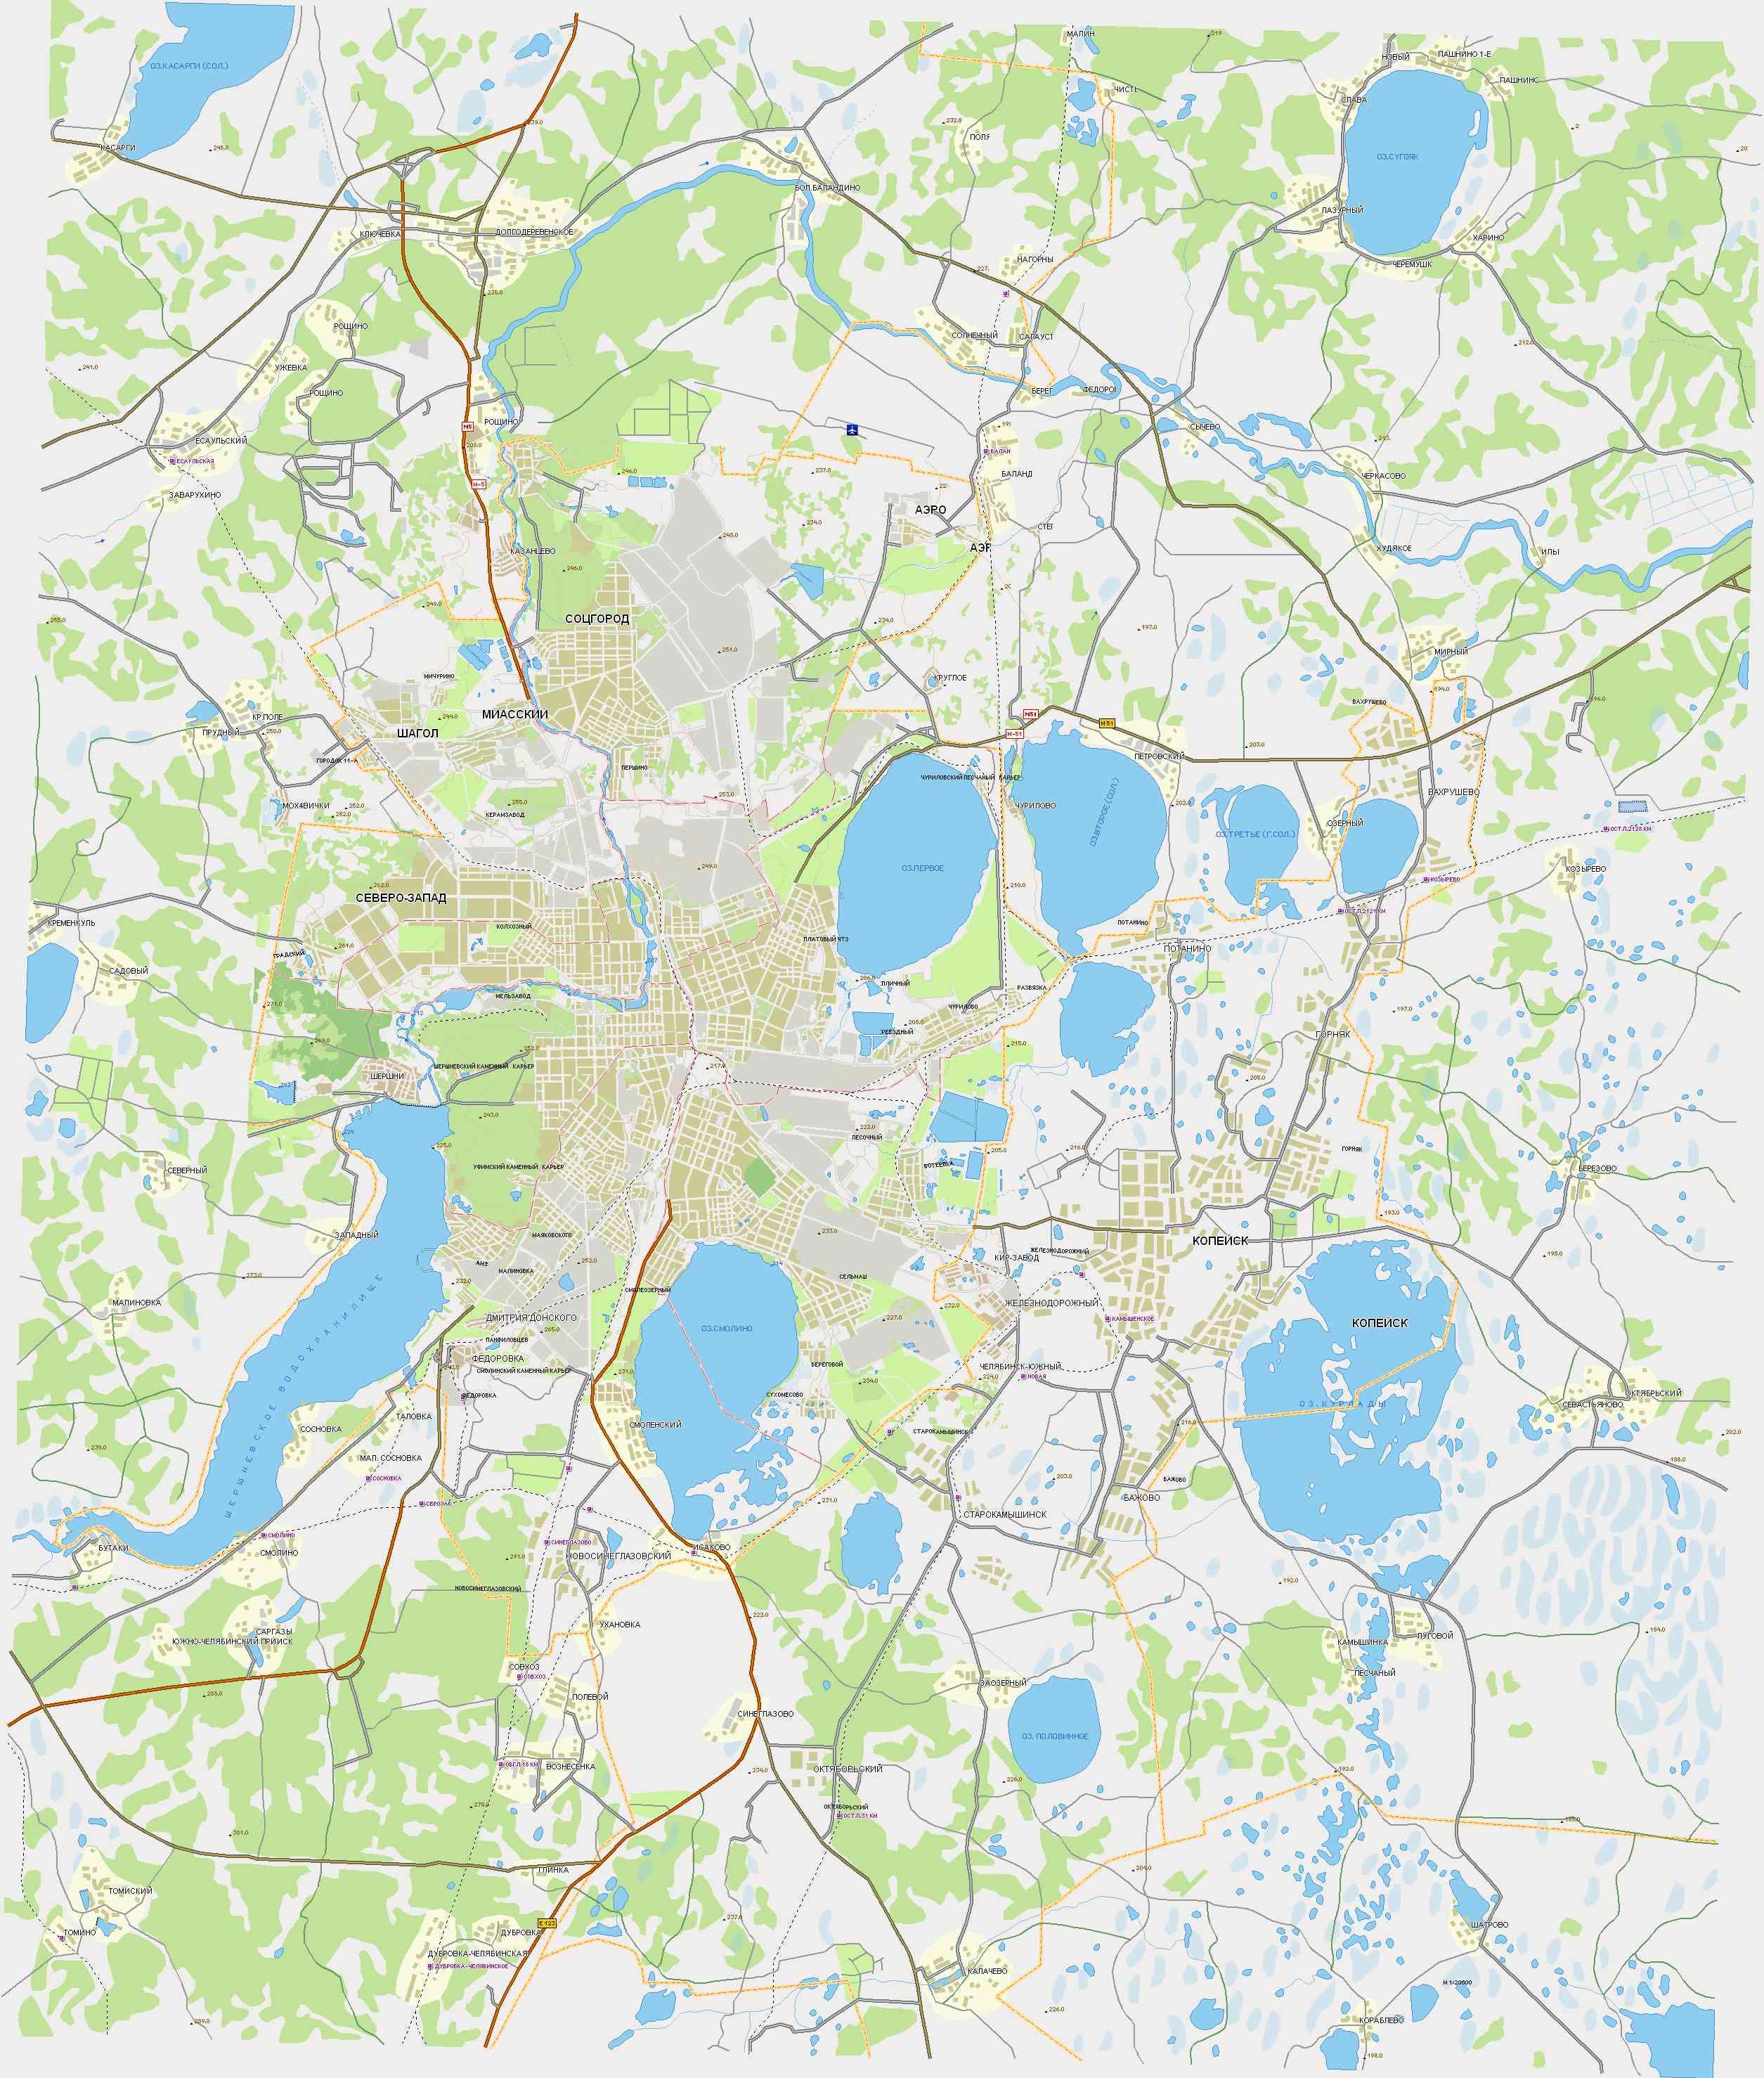 схема районов владивостока карта